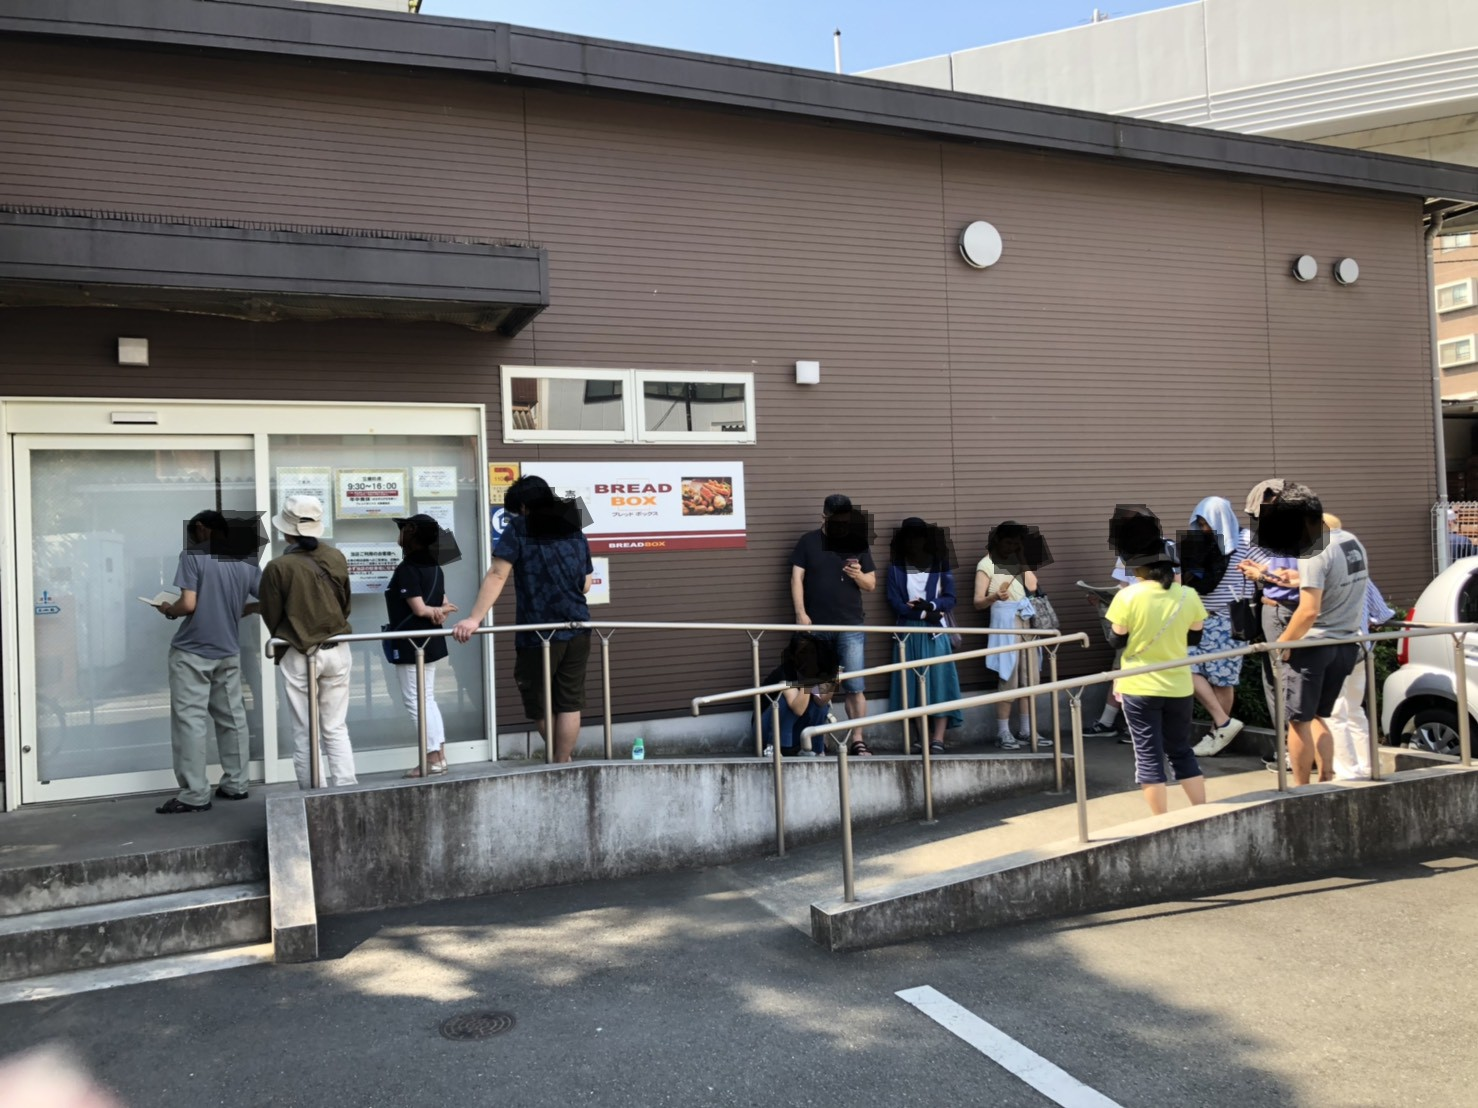 【北新横浜】サンジェルマンのアウトレットがお得!ブレッドボックスのパンのメニューや混雑状況は?